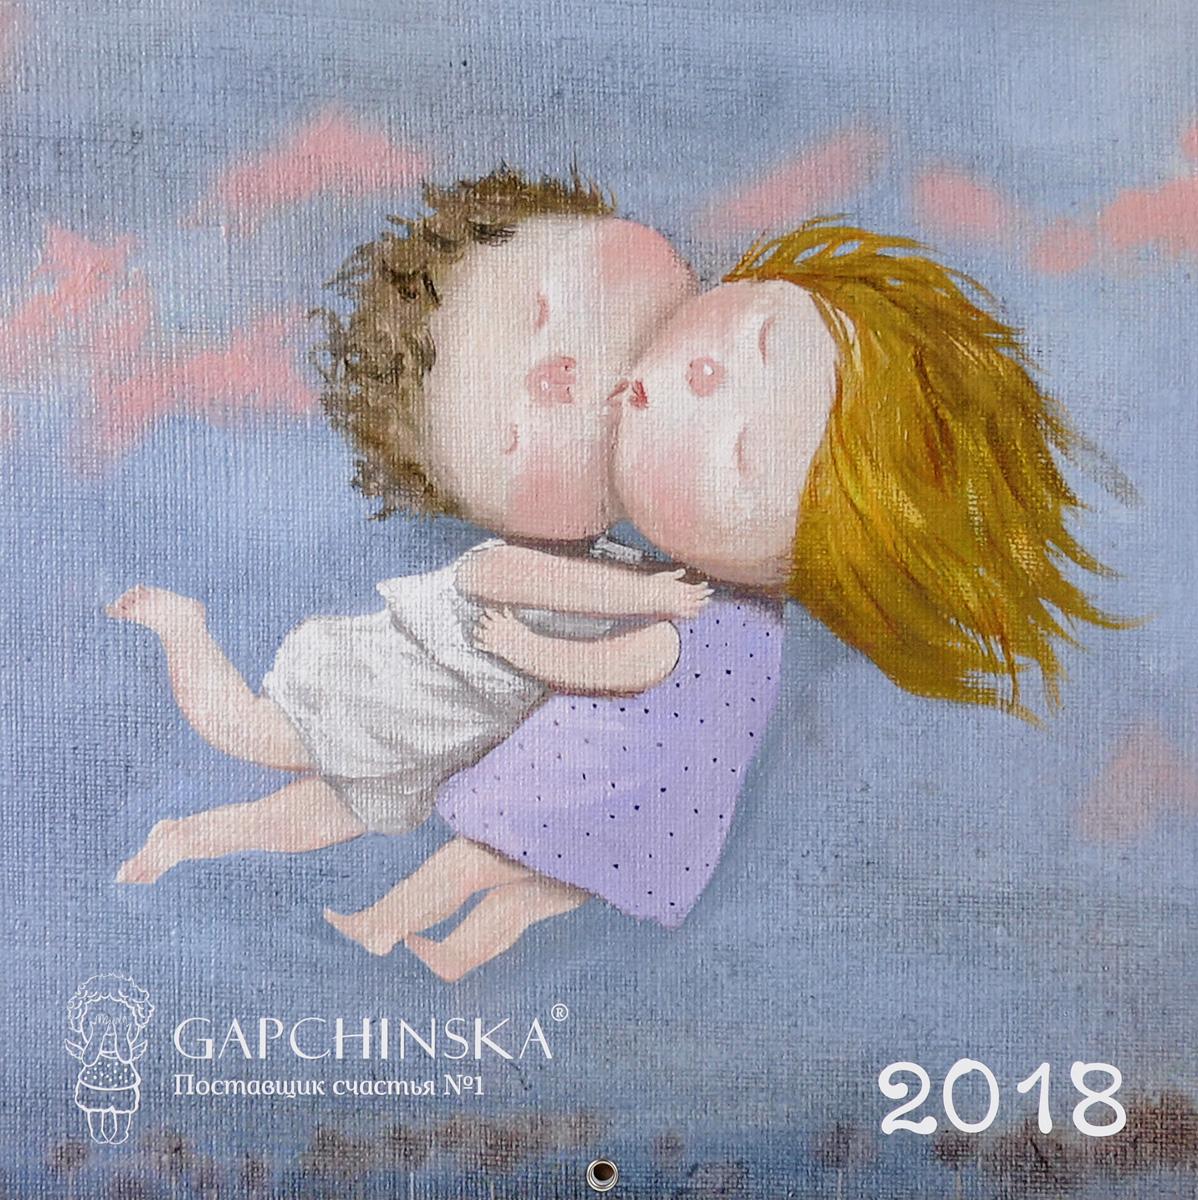 Календарь 2018 (на скрепке). Евгения Гапчинская. Любовь копии картин гапчинской киев